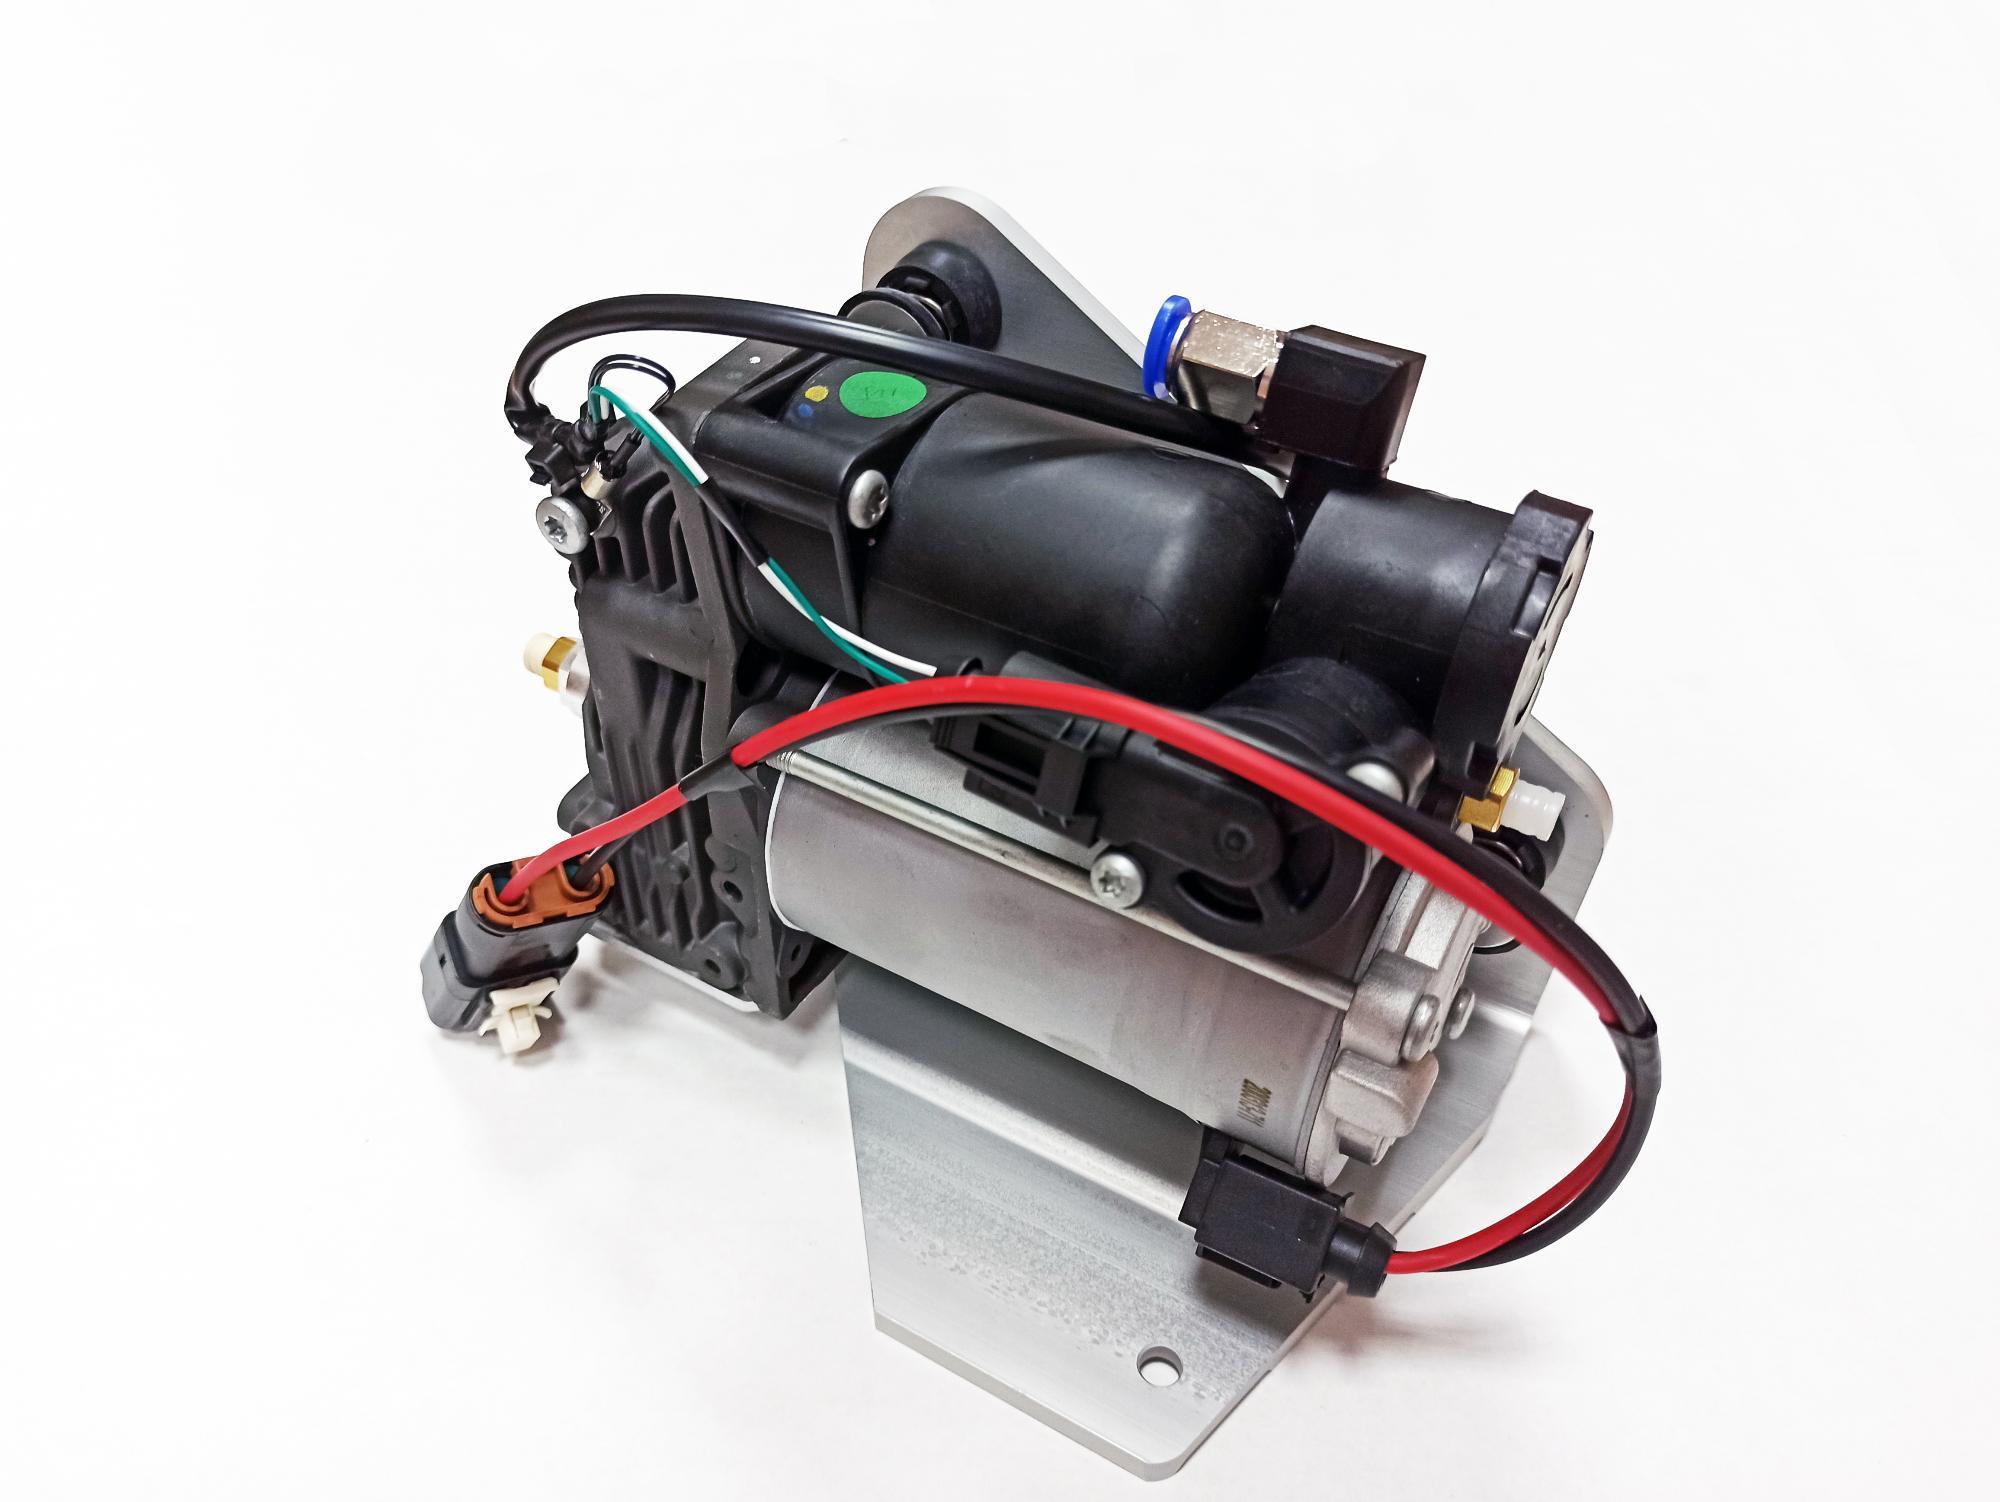 картинка Новый компрессор пневмоподвески Miessler Automotive - AMK type (LR072537) для Land Rover L319 Discovery 3 и 4 / L320 Range Rover Sport от магазина пневмоподвески ПневмоМаркет